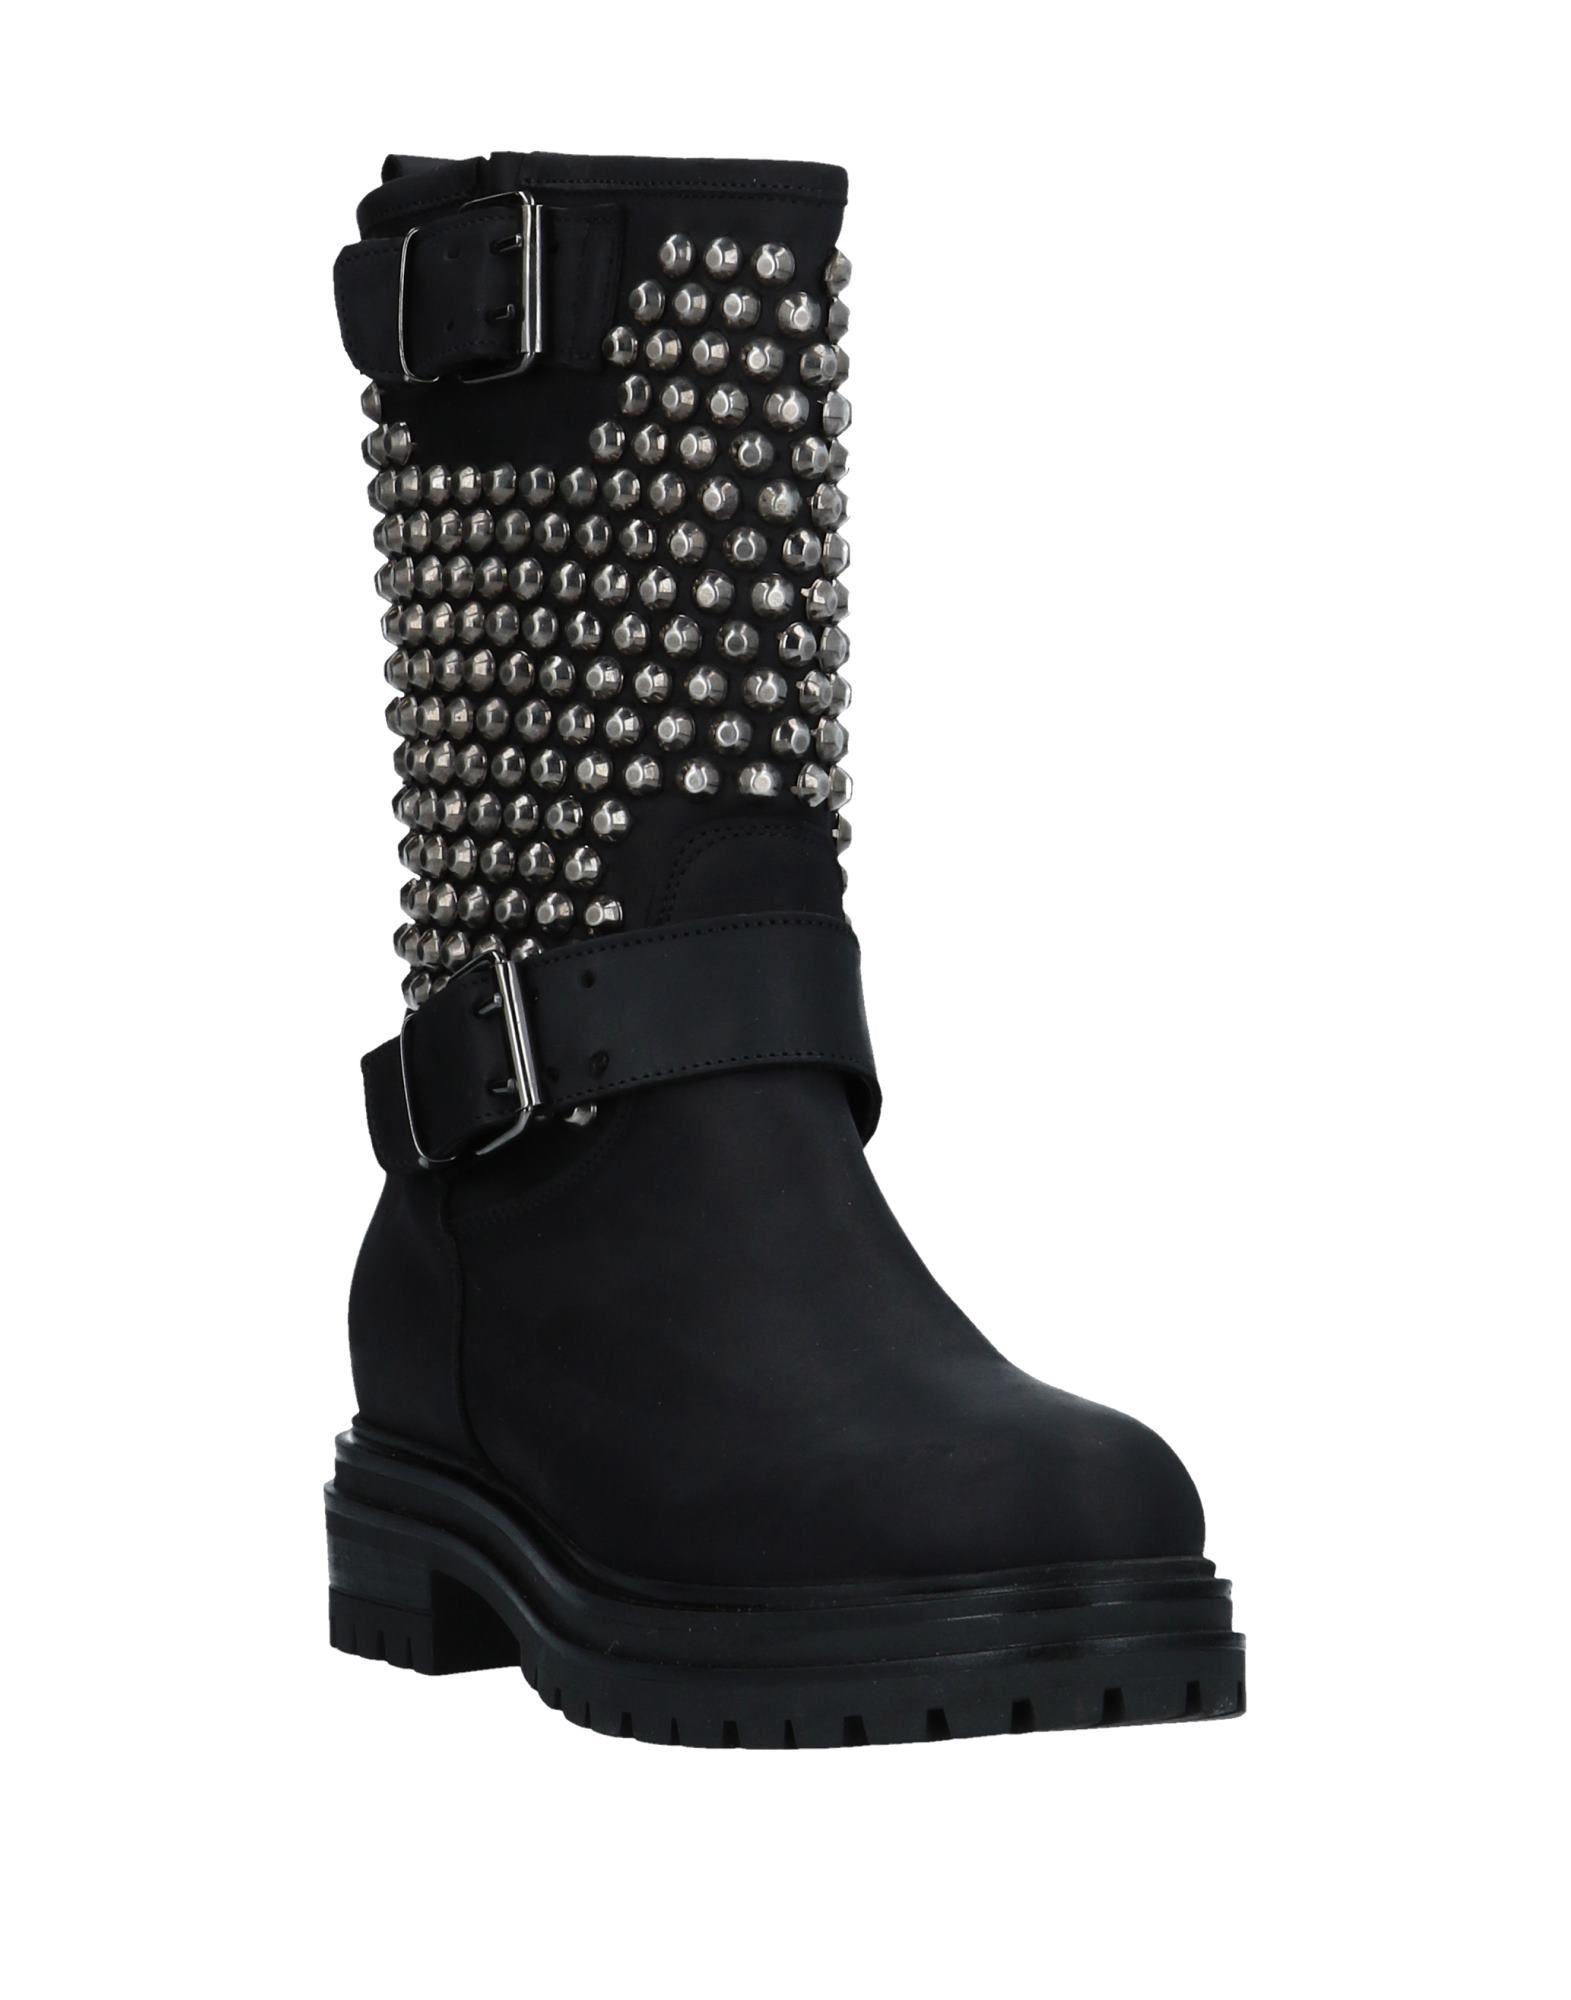 J.Born Stiefel Damen Schuhe  11517809GGGut aussehende strapazierfähige Schuhe Damen af33b8